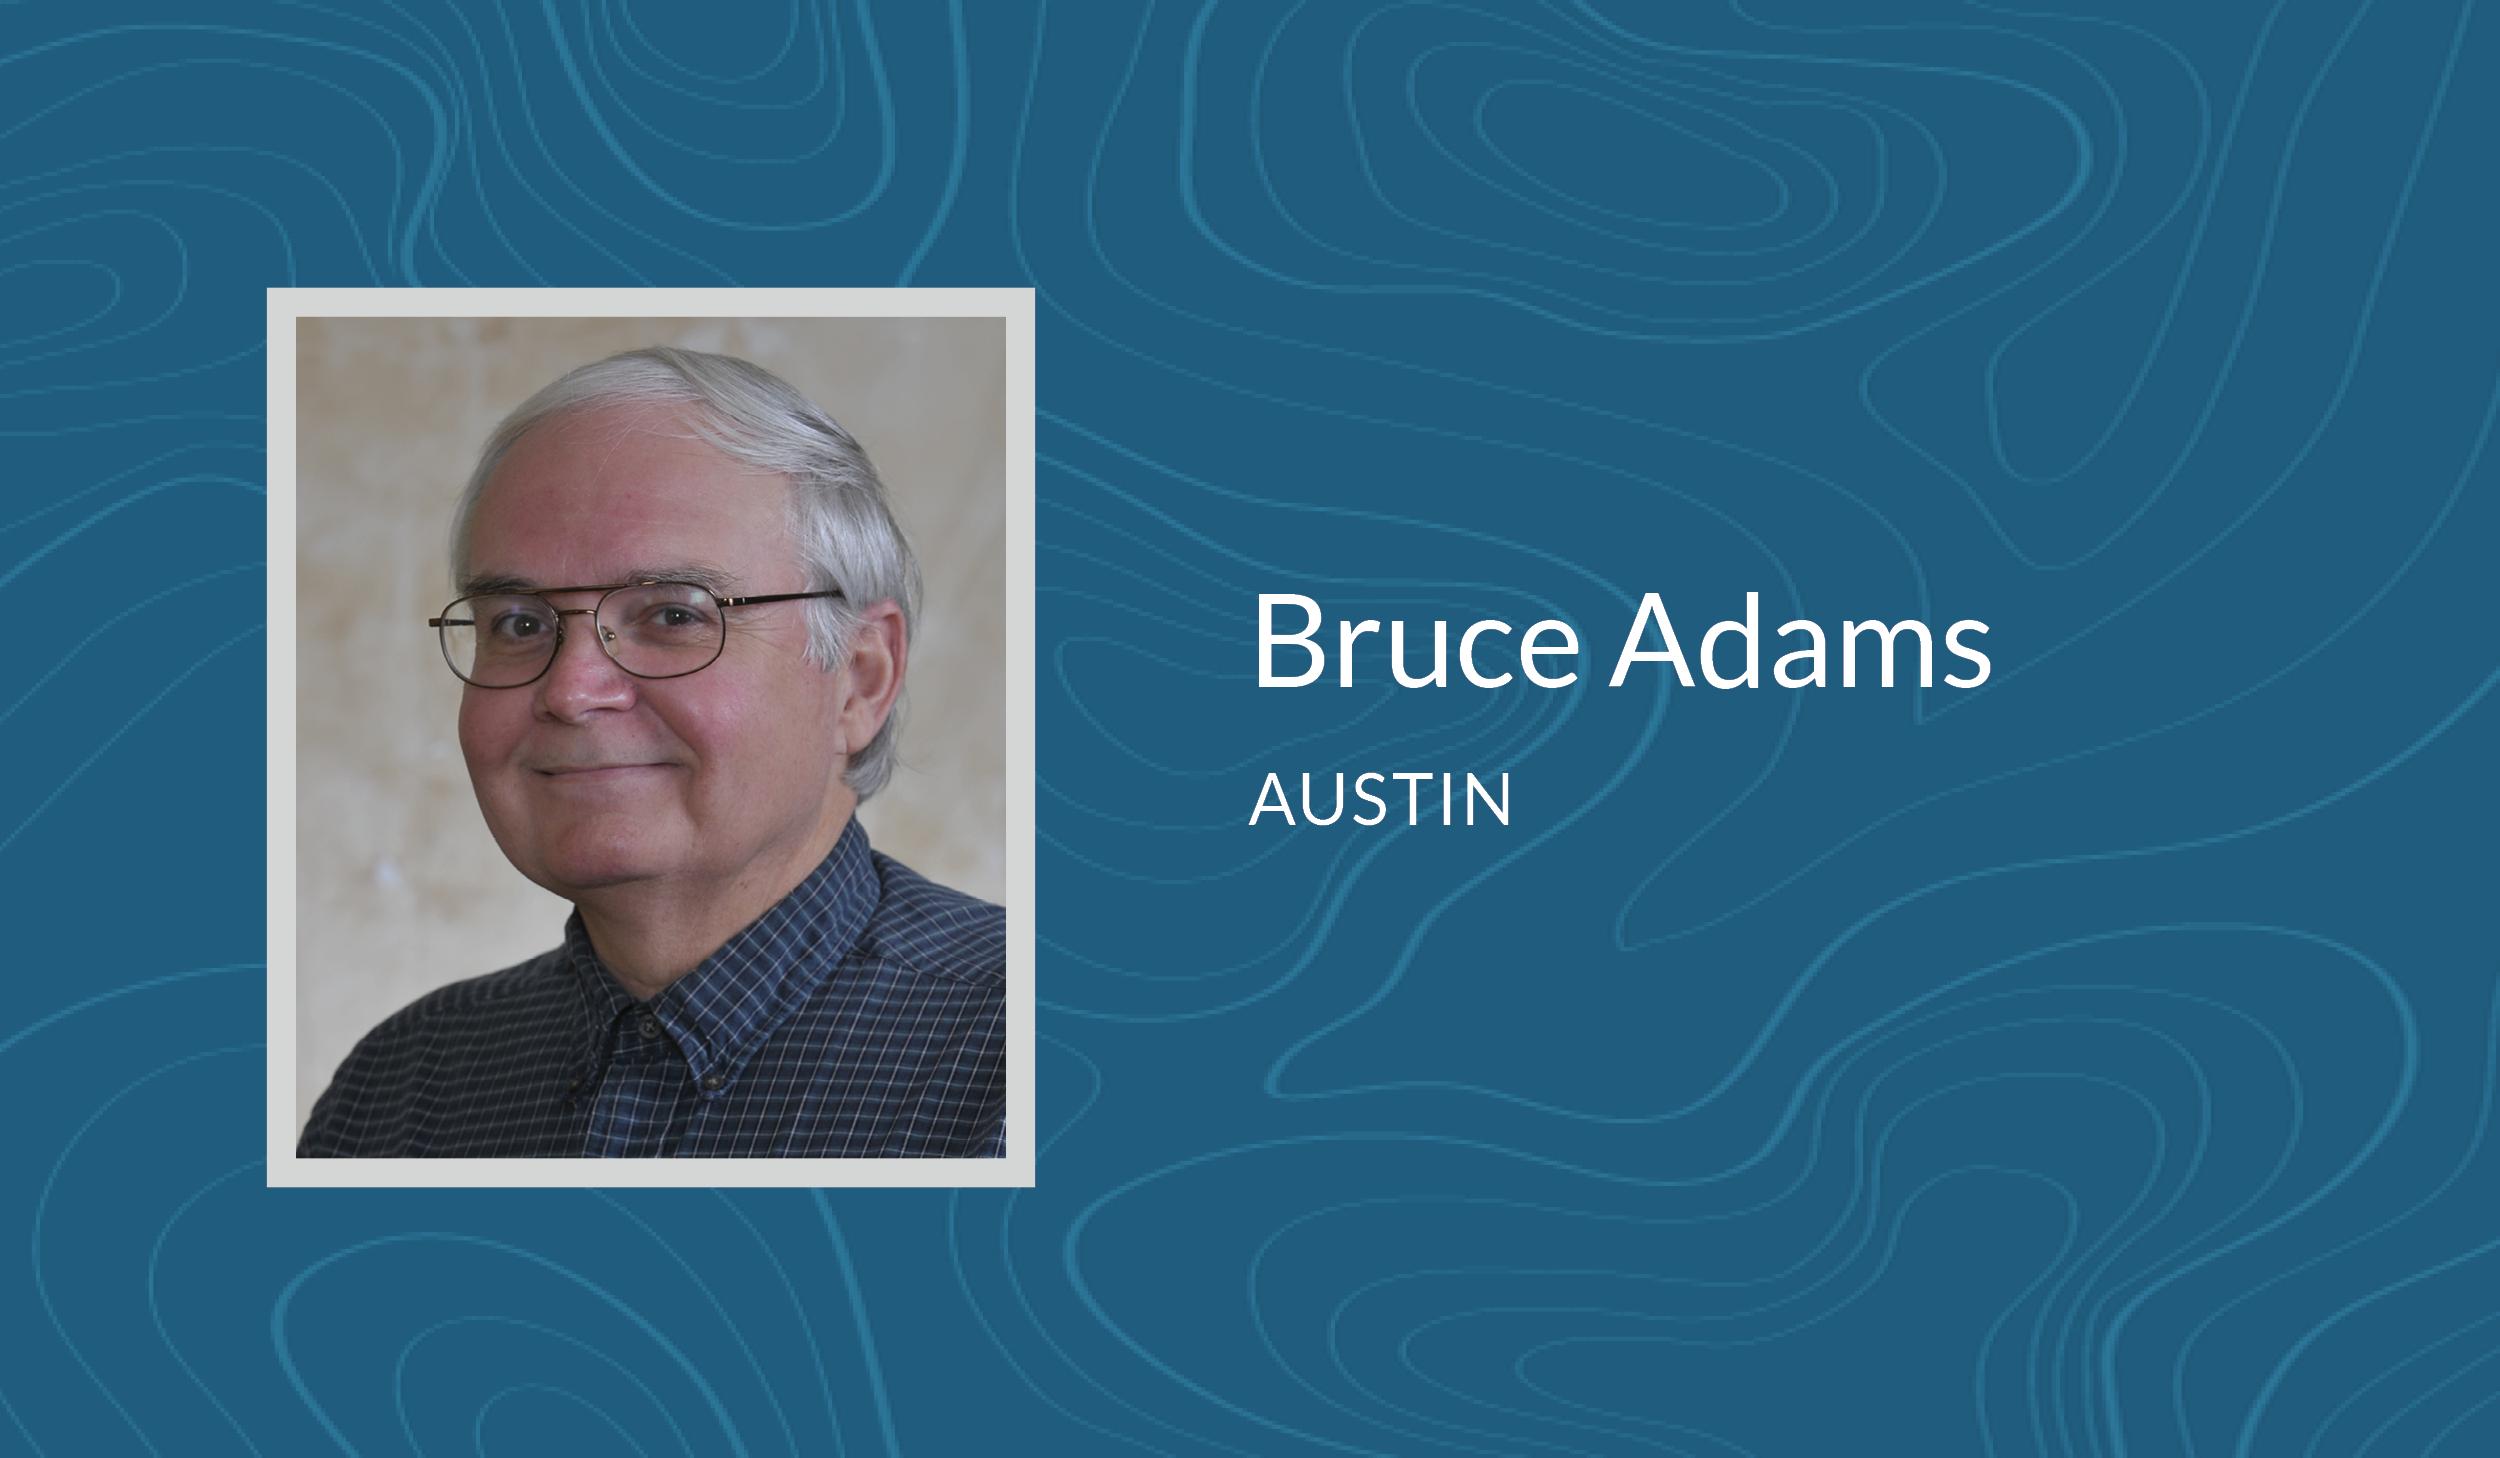 Bruce Adams Landing Page Headers.png